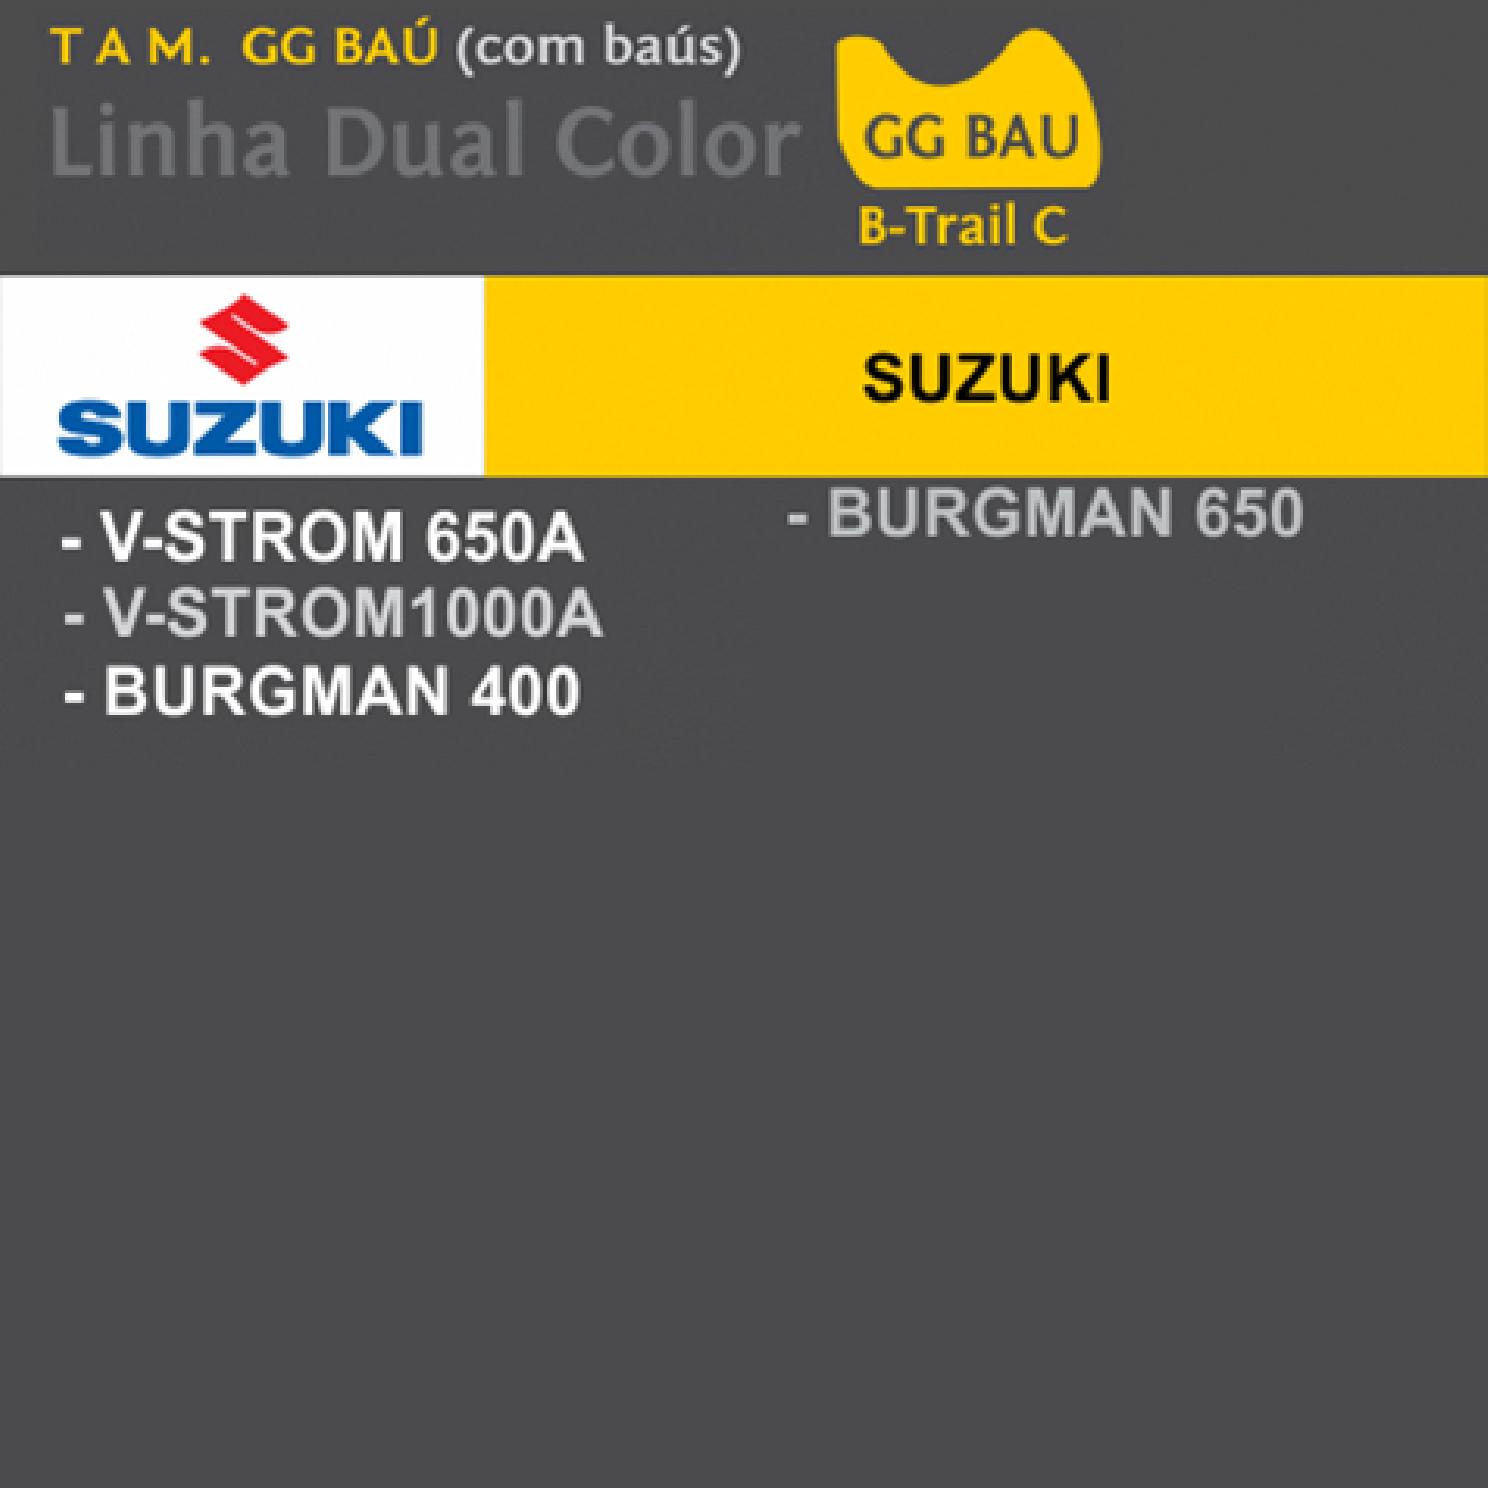 Capa Para Moto DualColor Suzuki Tam, GG Baú (permeavel)